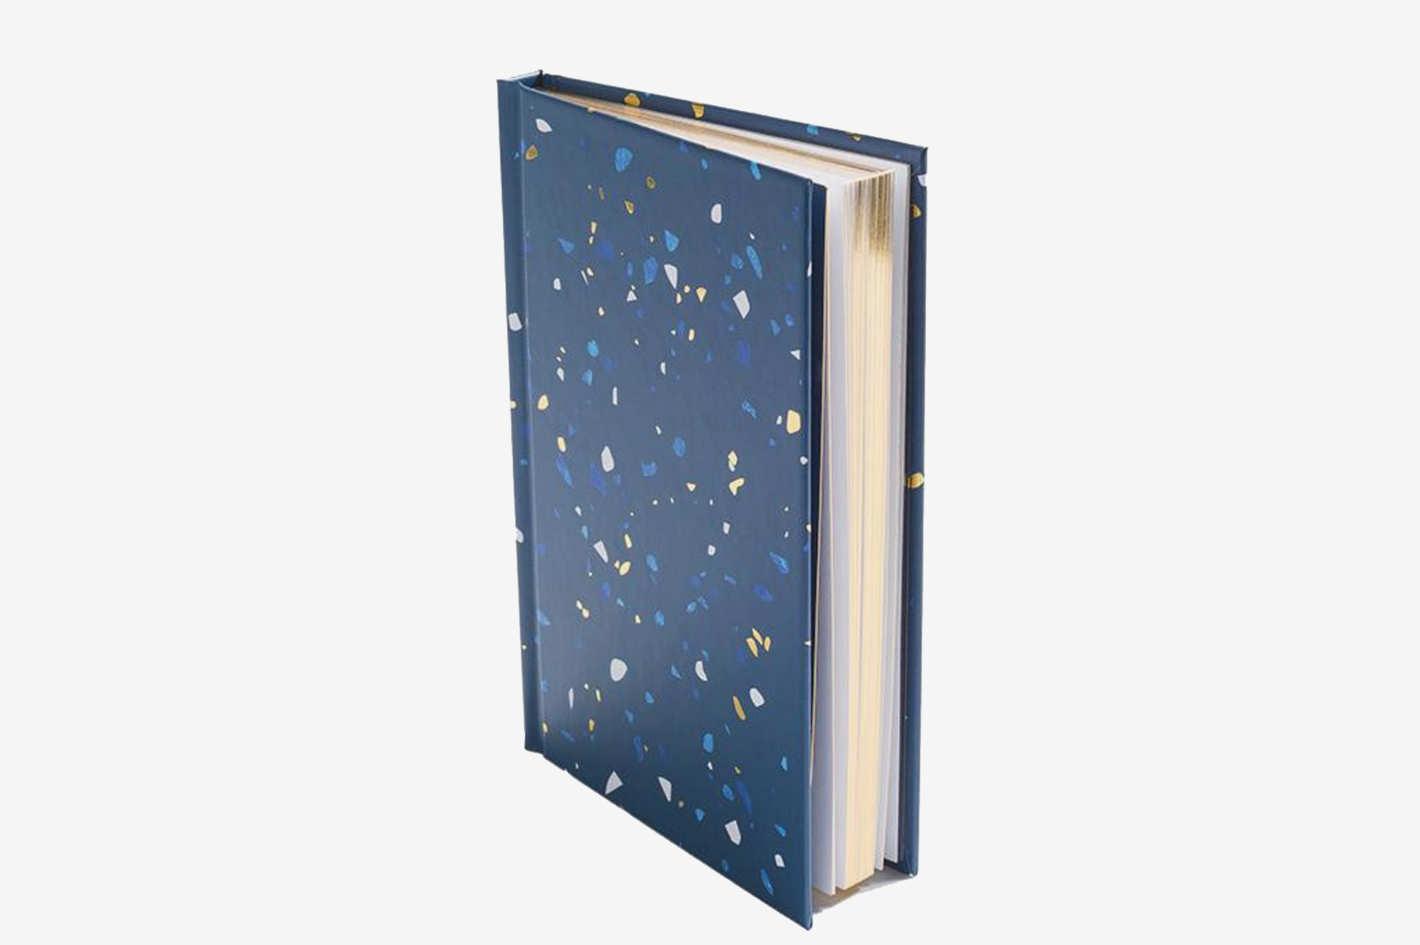 Poketo Terrazzo Notebook in Navy